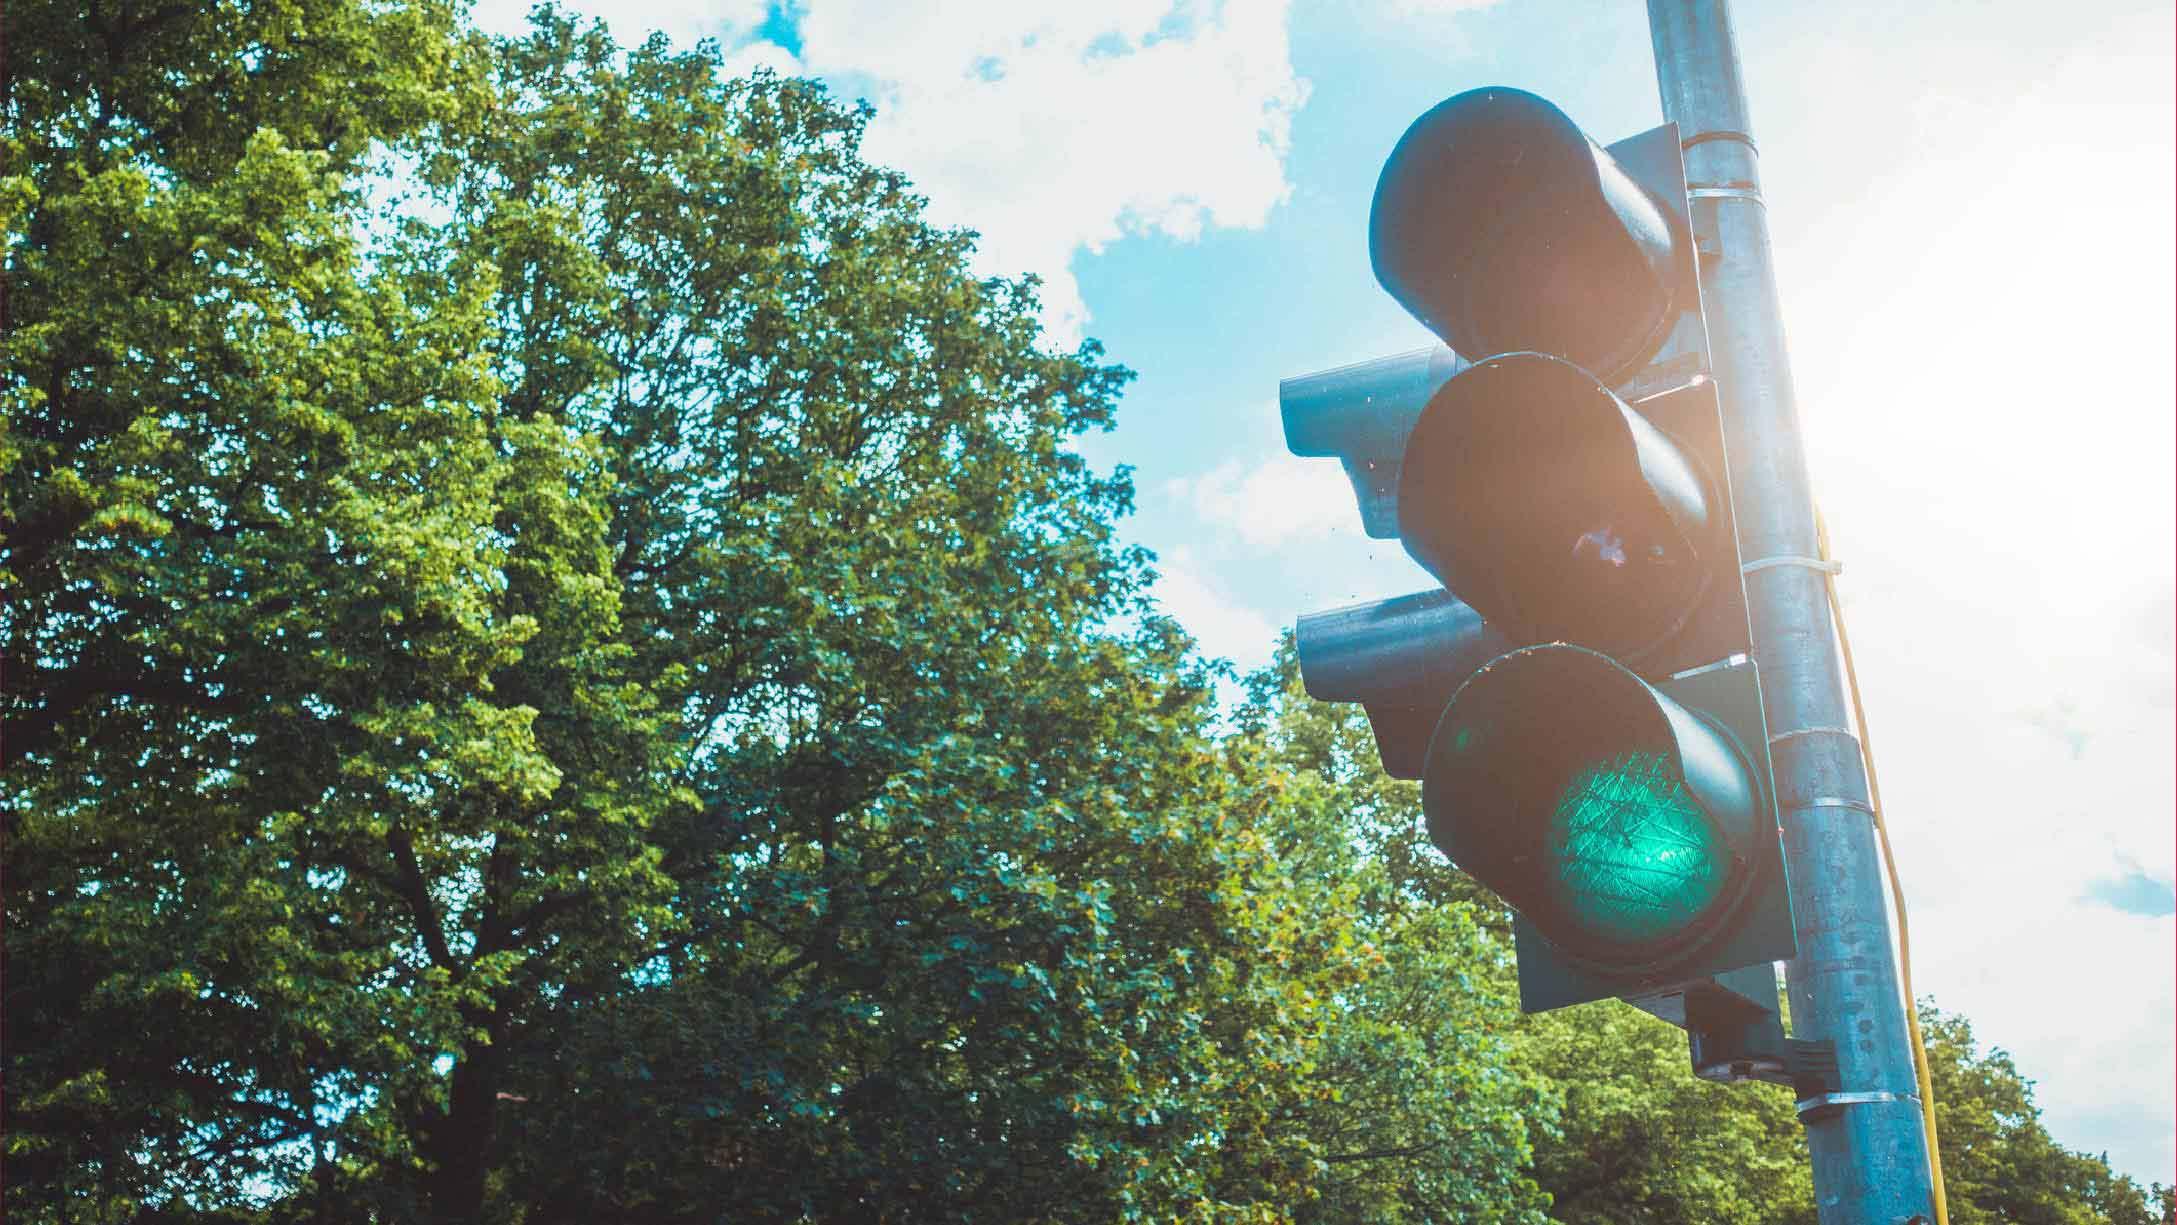 semaforo con luce verde e paesaggio attorno